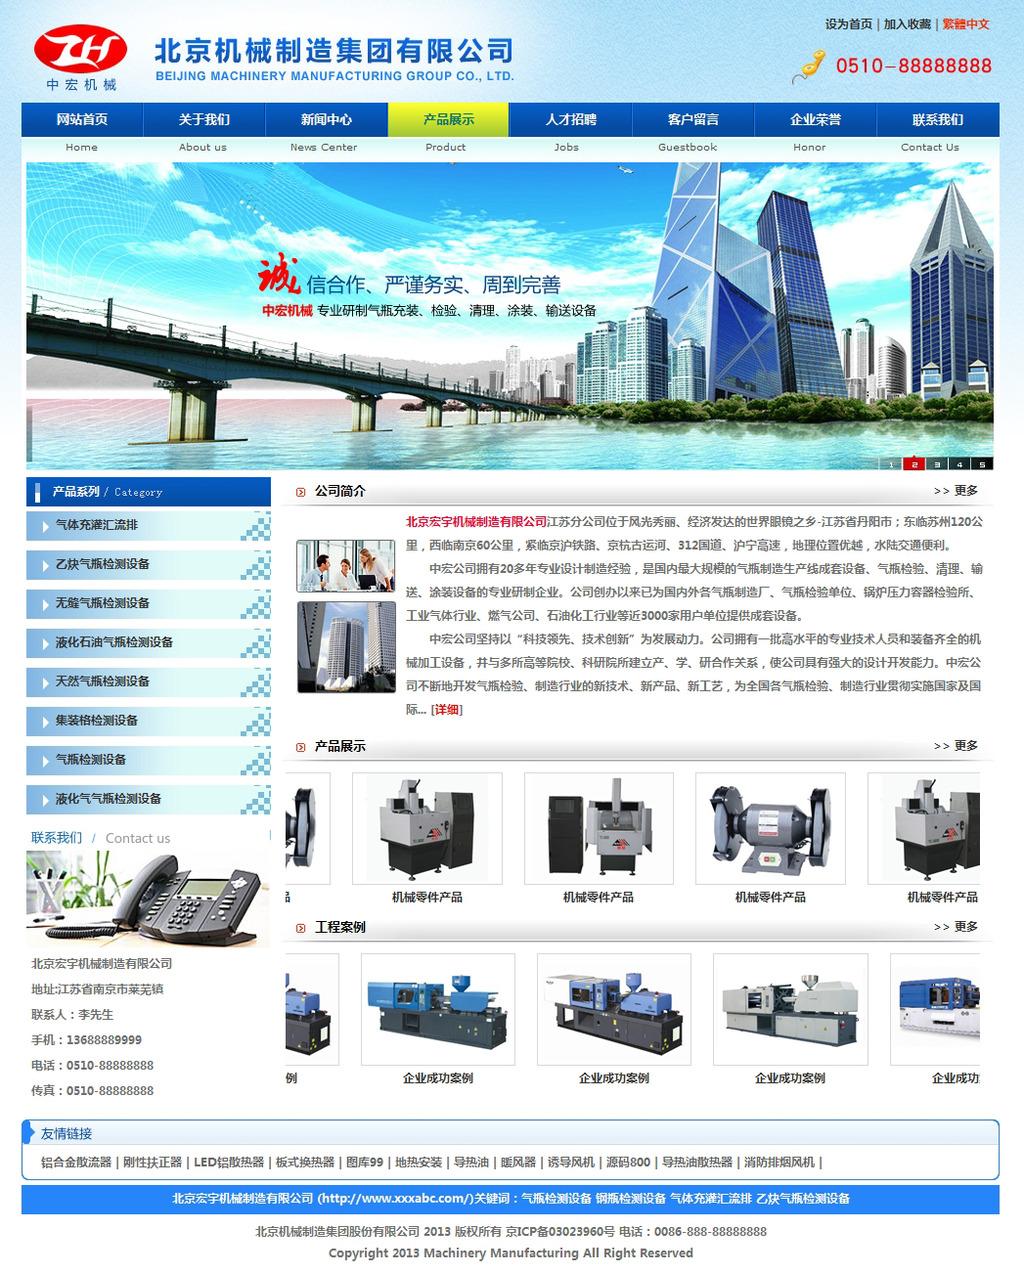 蓝色环保科技企业商务网站模板机械检测设备